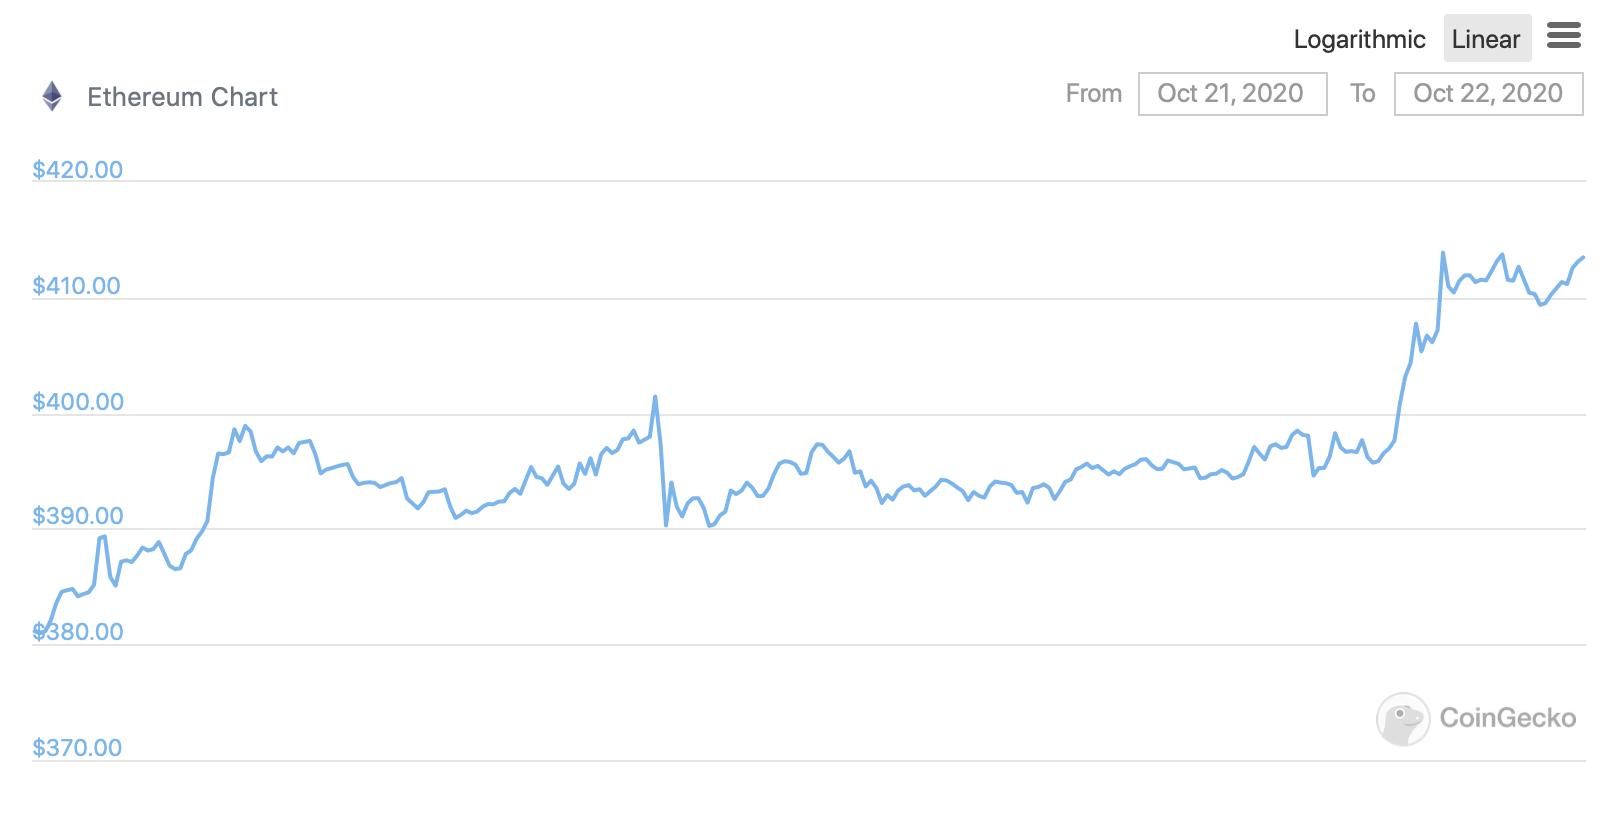 График Эфириума